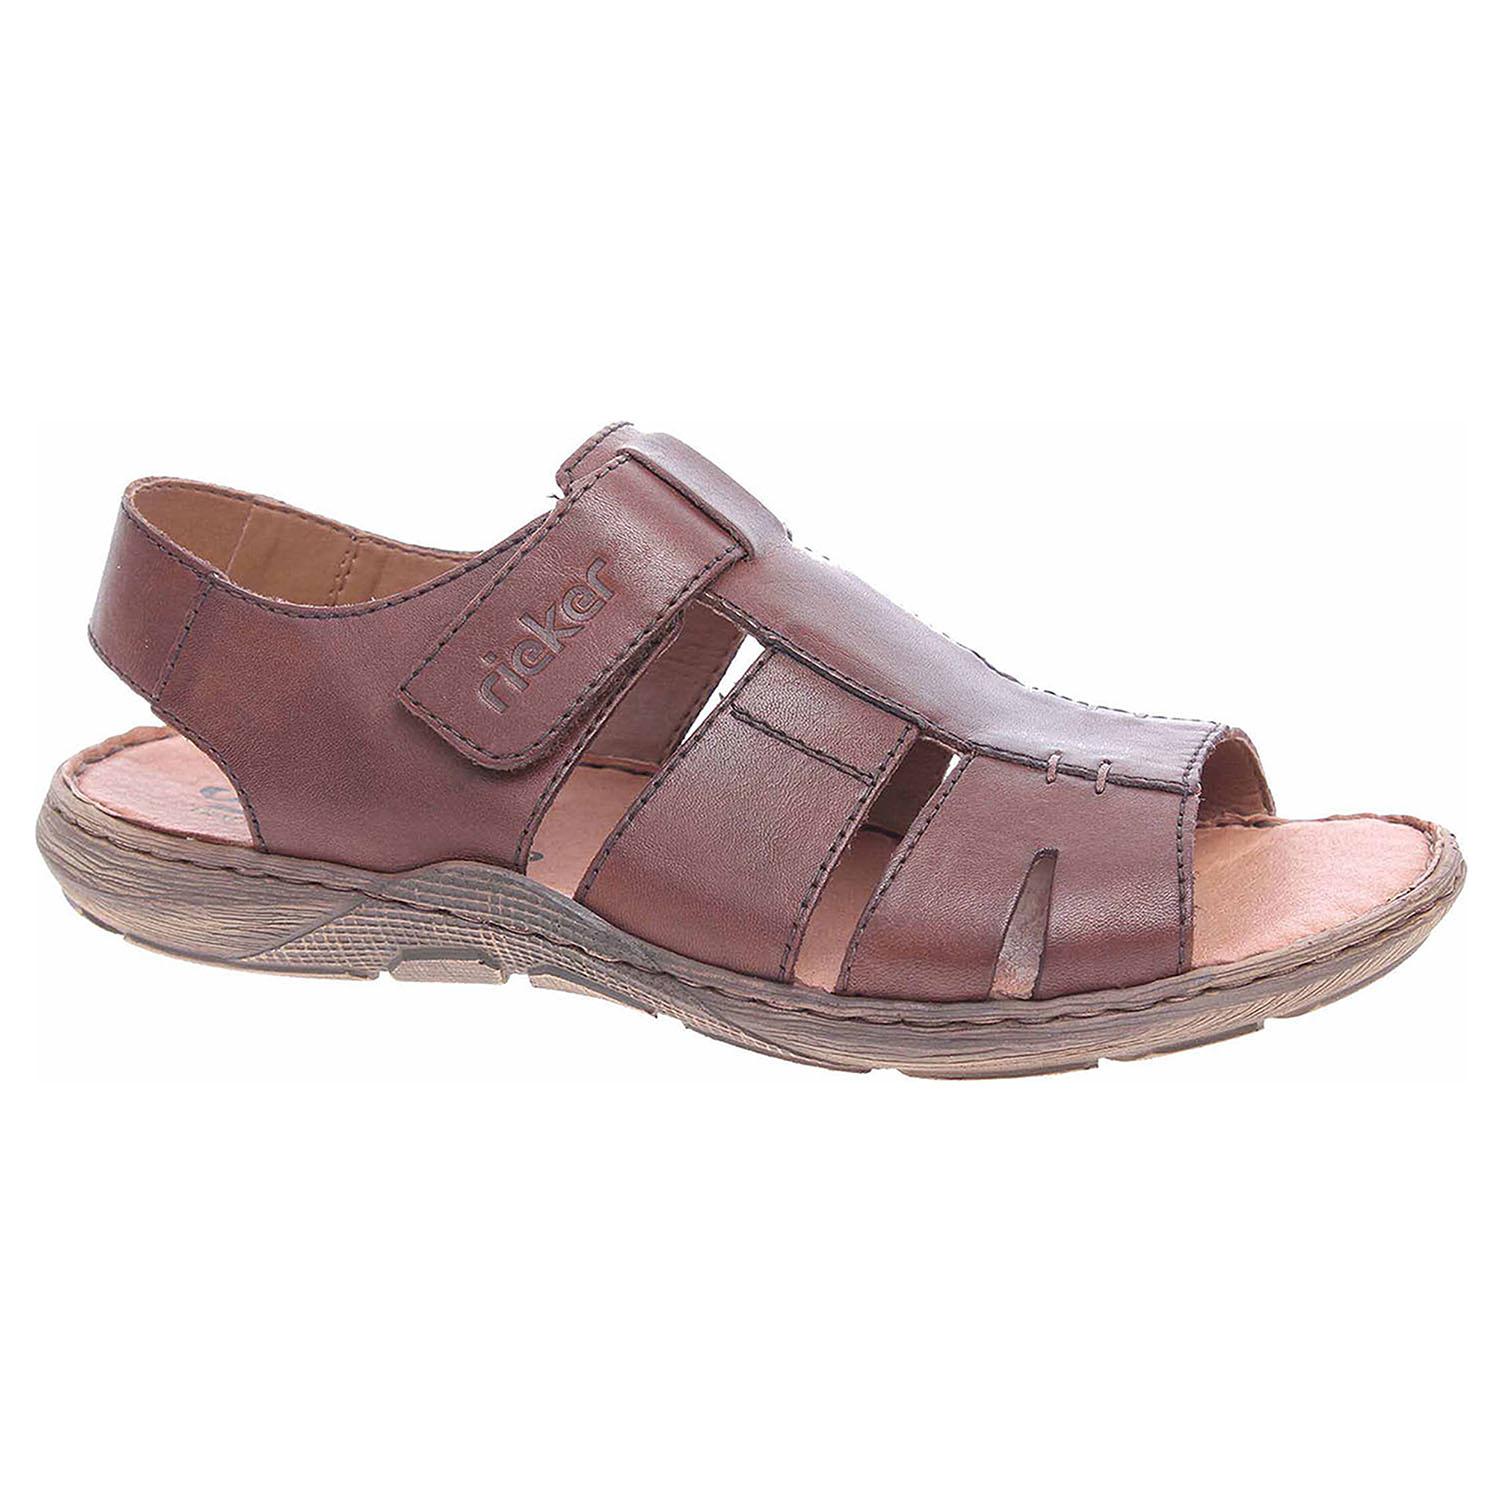 9de96e626acd Ecco Pánské sandály Rieker 22073-25 braun 24700262